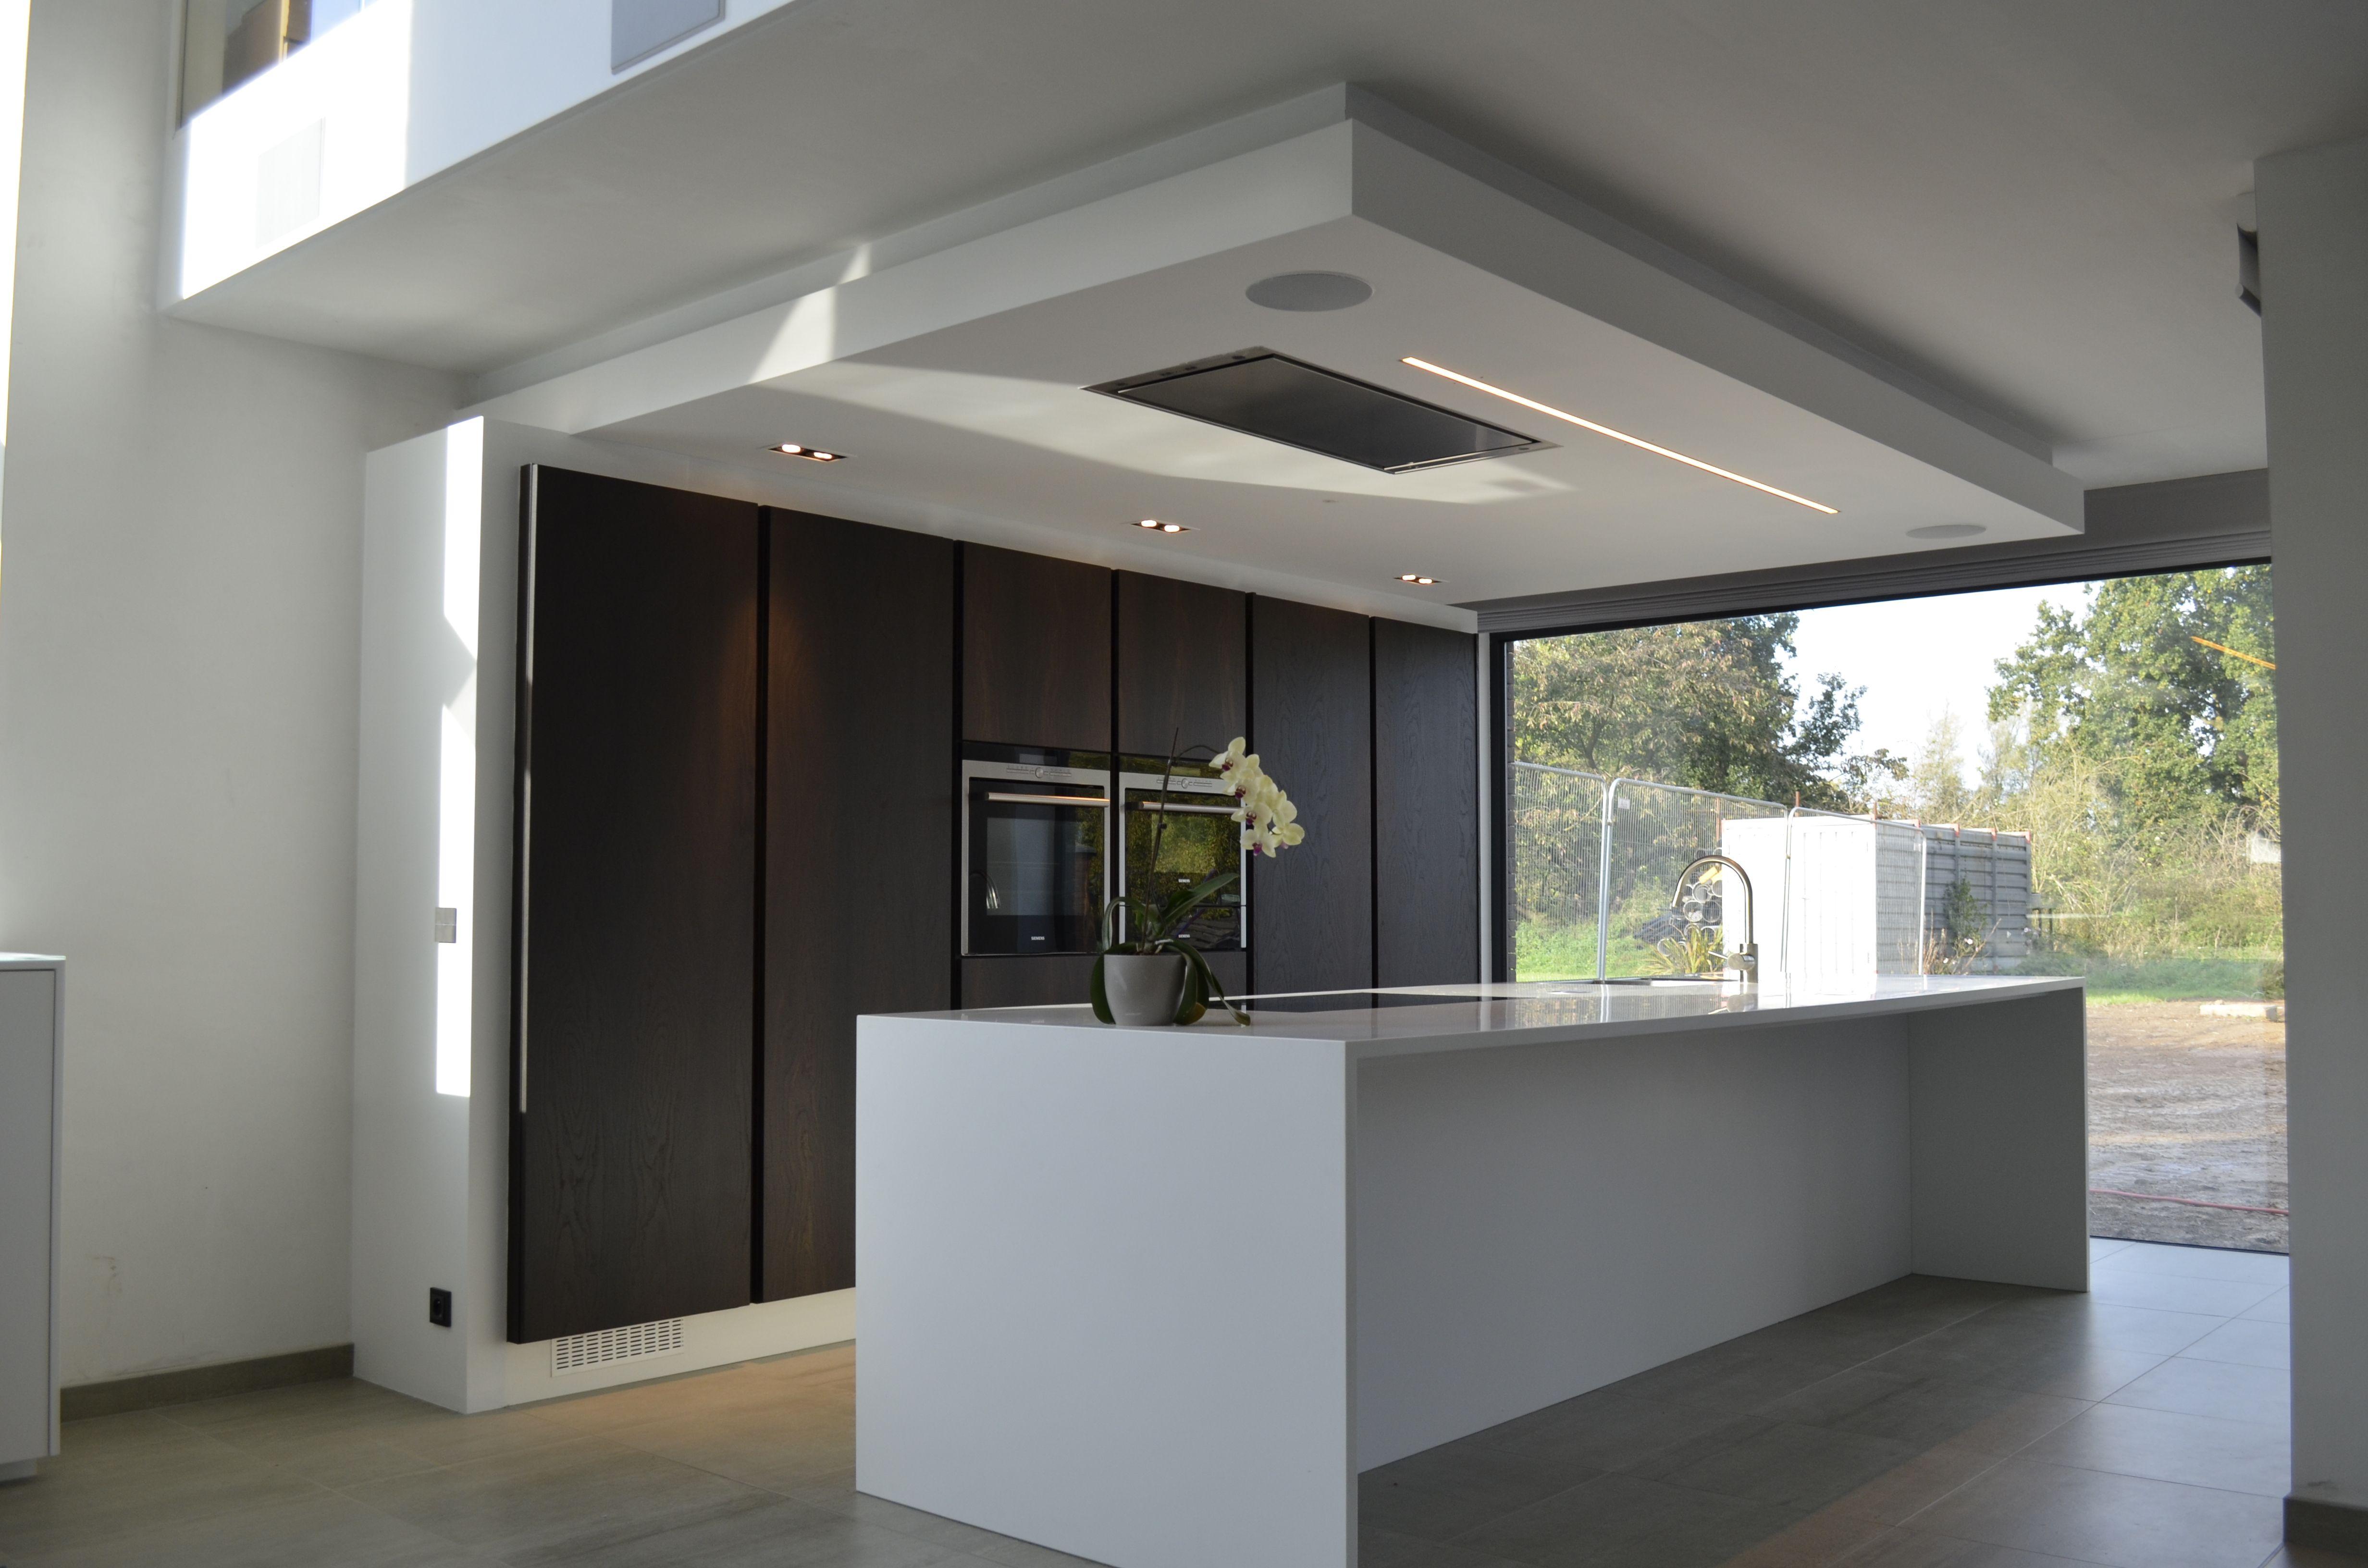 Achterwand Modern Keuken : Saucepan keuken achterwand op pimp superior materiaal moderne